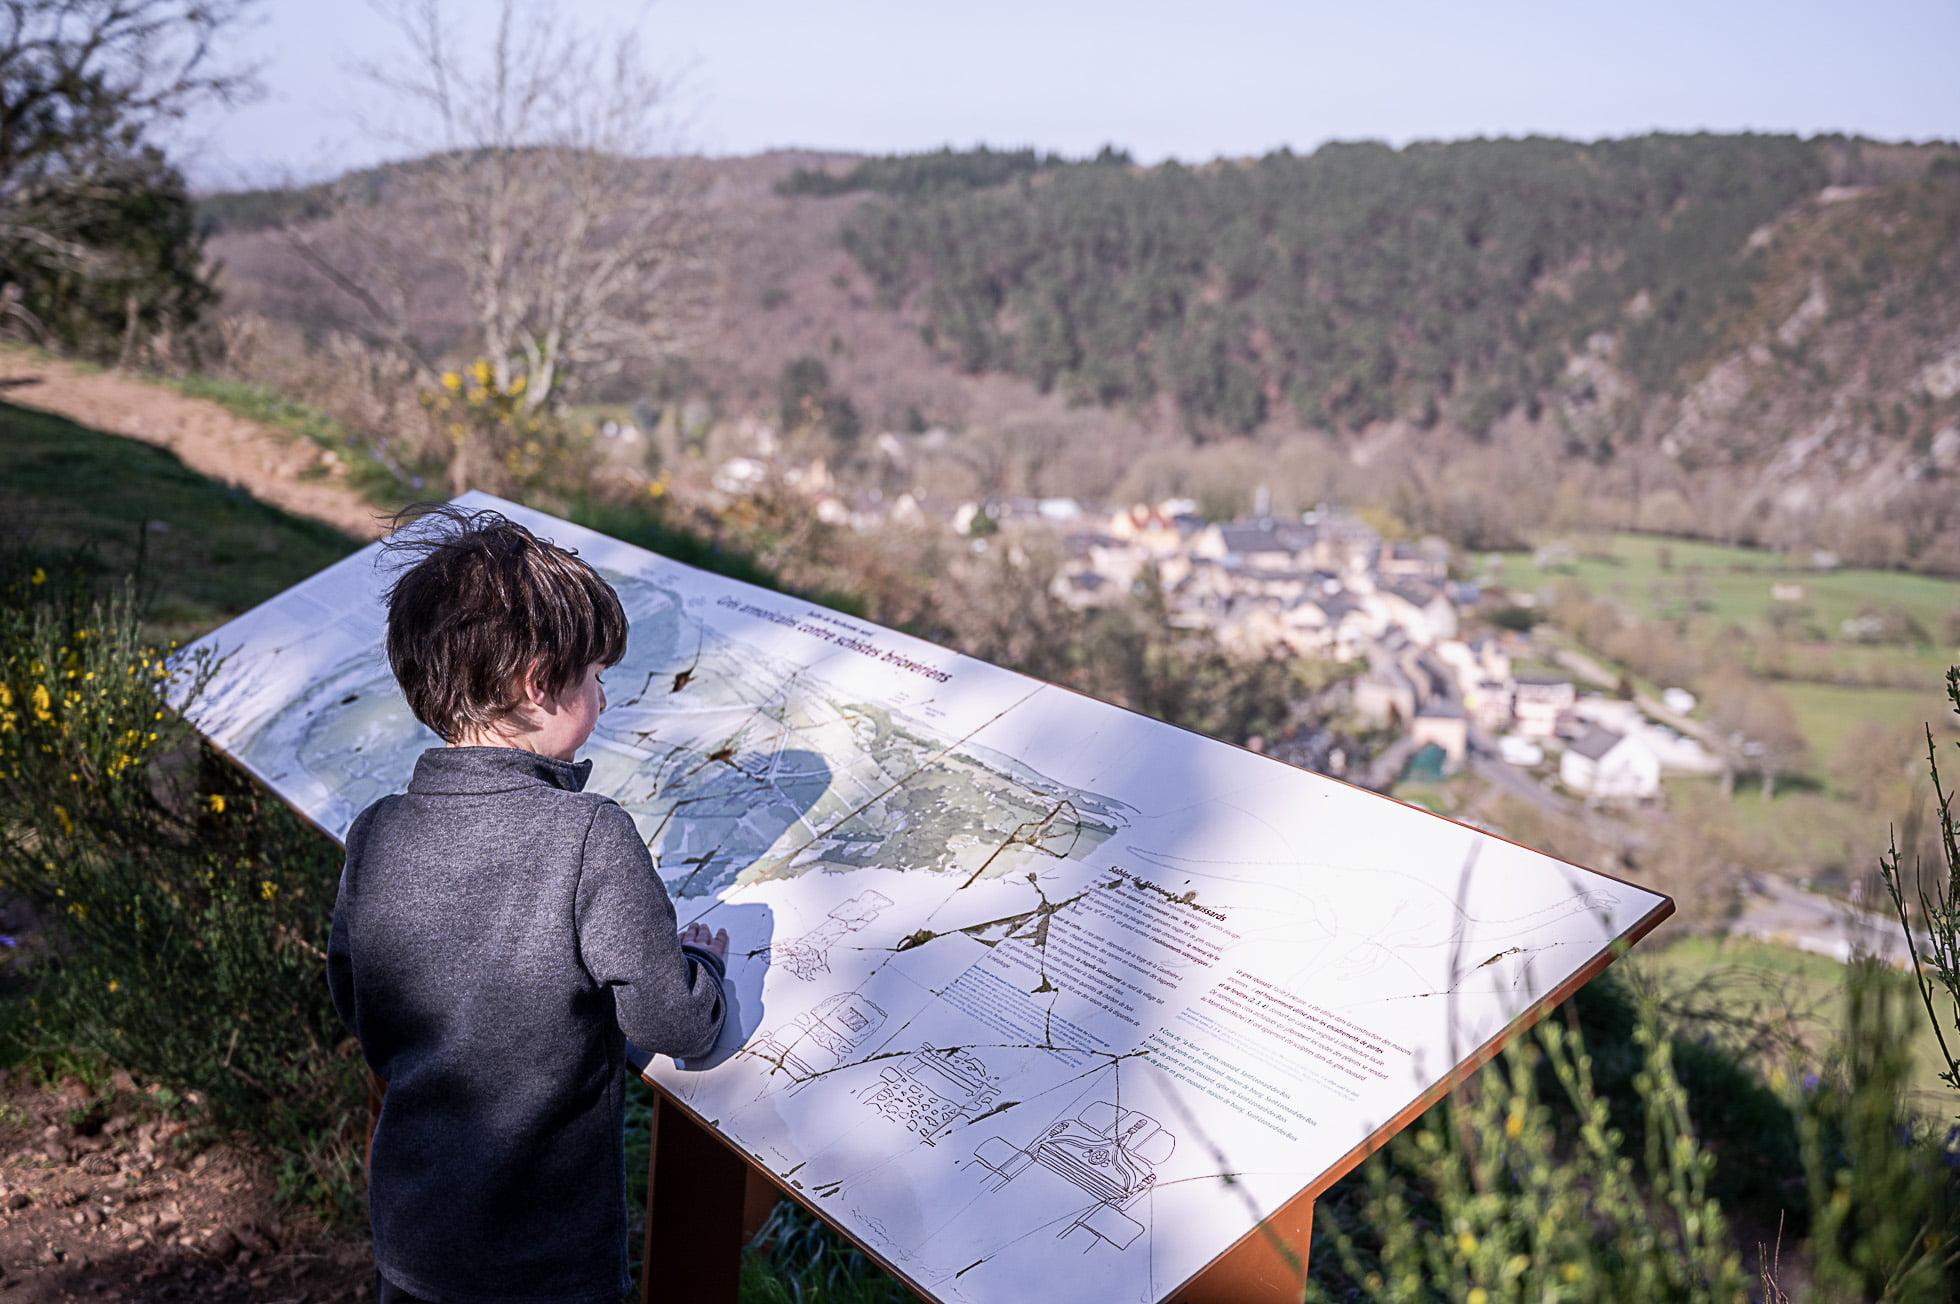 alpes mancelles 2848 - Les globe blogueurs - blog voyage nature